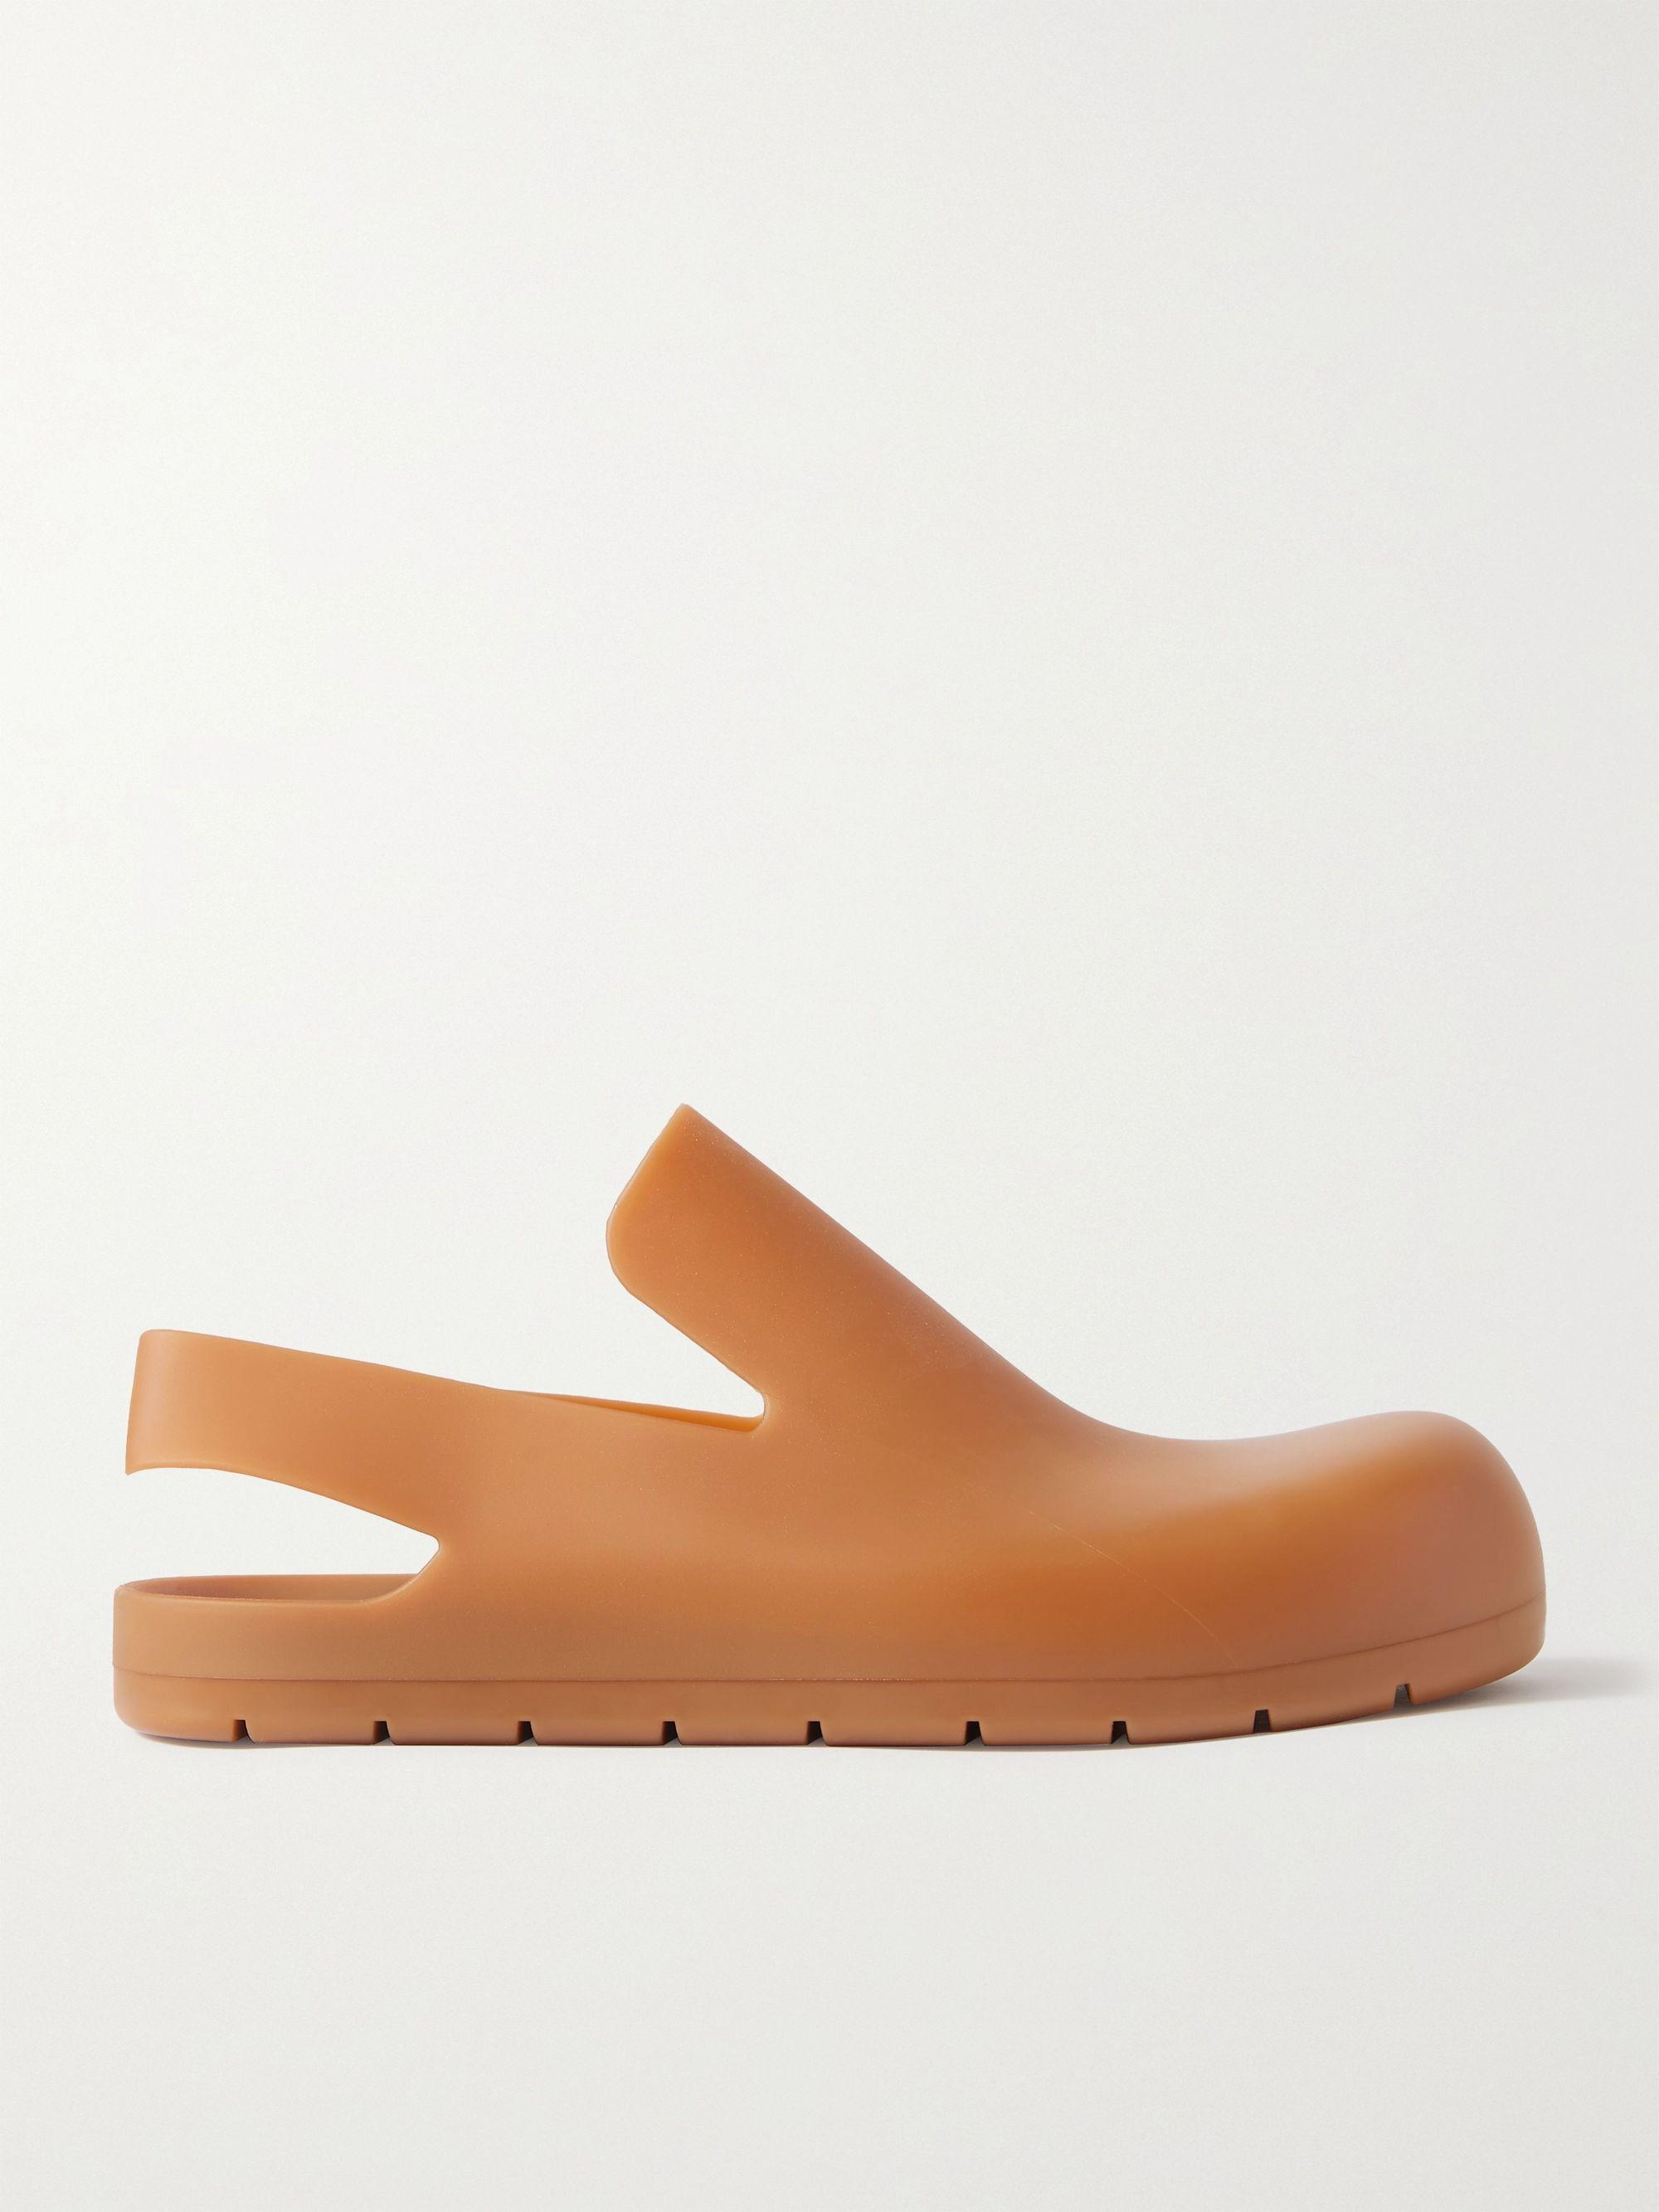 보테가 베네타 Bottega Veneta Rubber Sandals,Brown